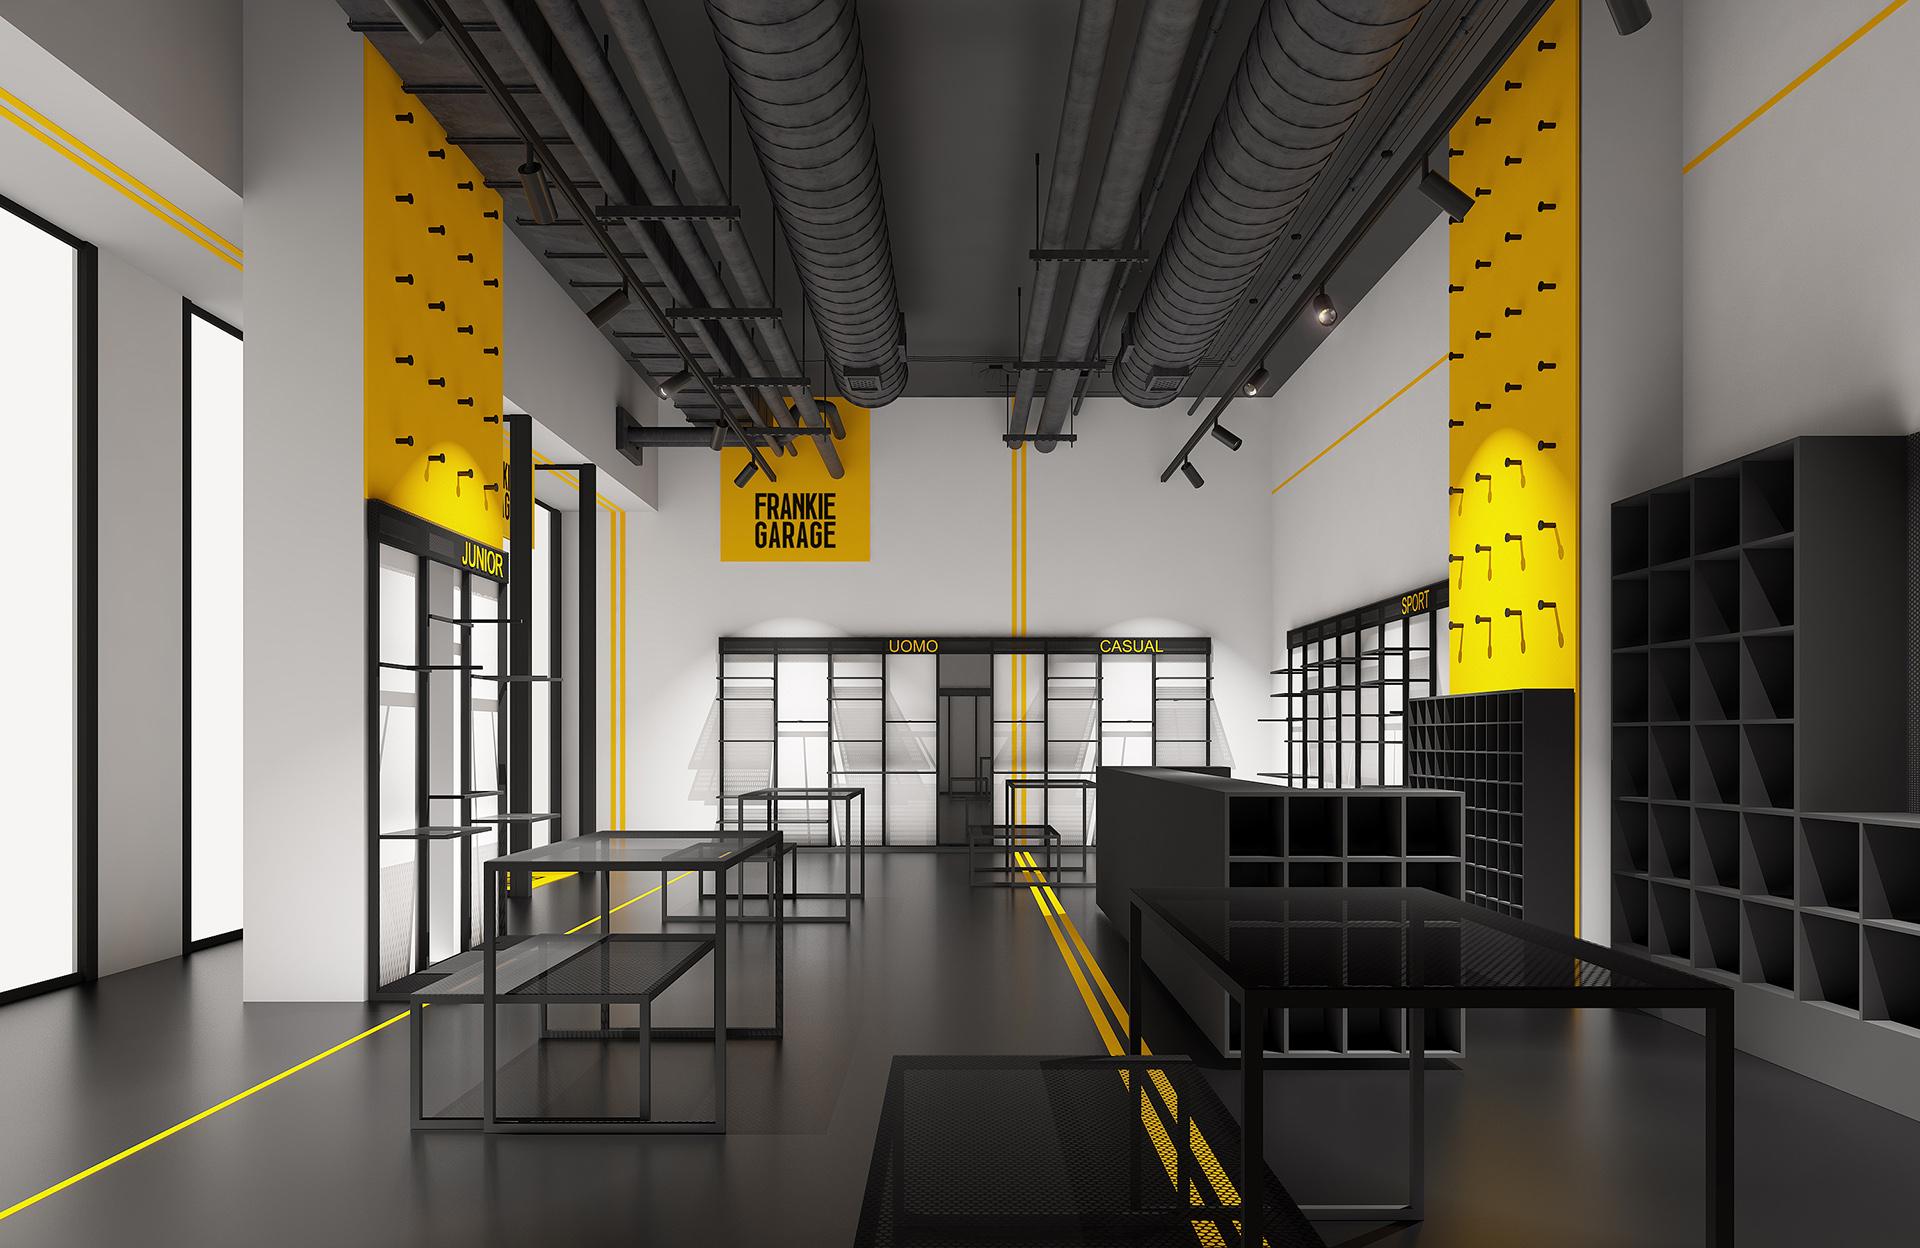 visualizzazione architettonica di un negozio d'abbigliamento di Frankie Garage a Roma progettato da Francesco Aureli